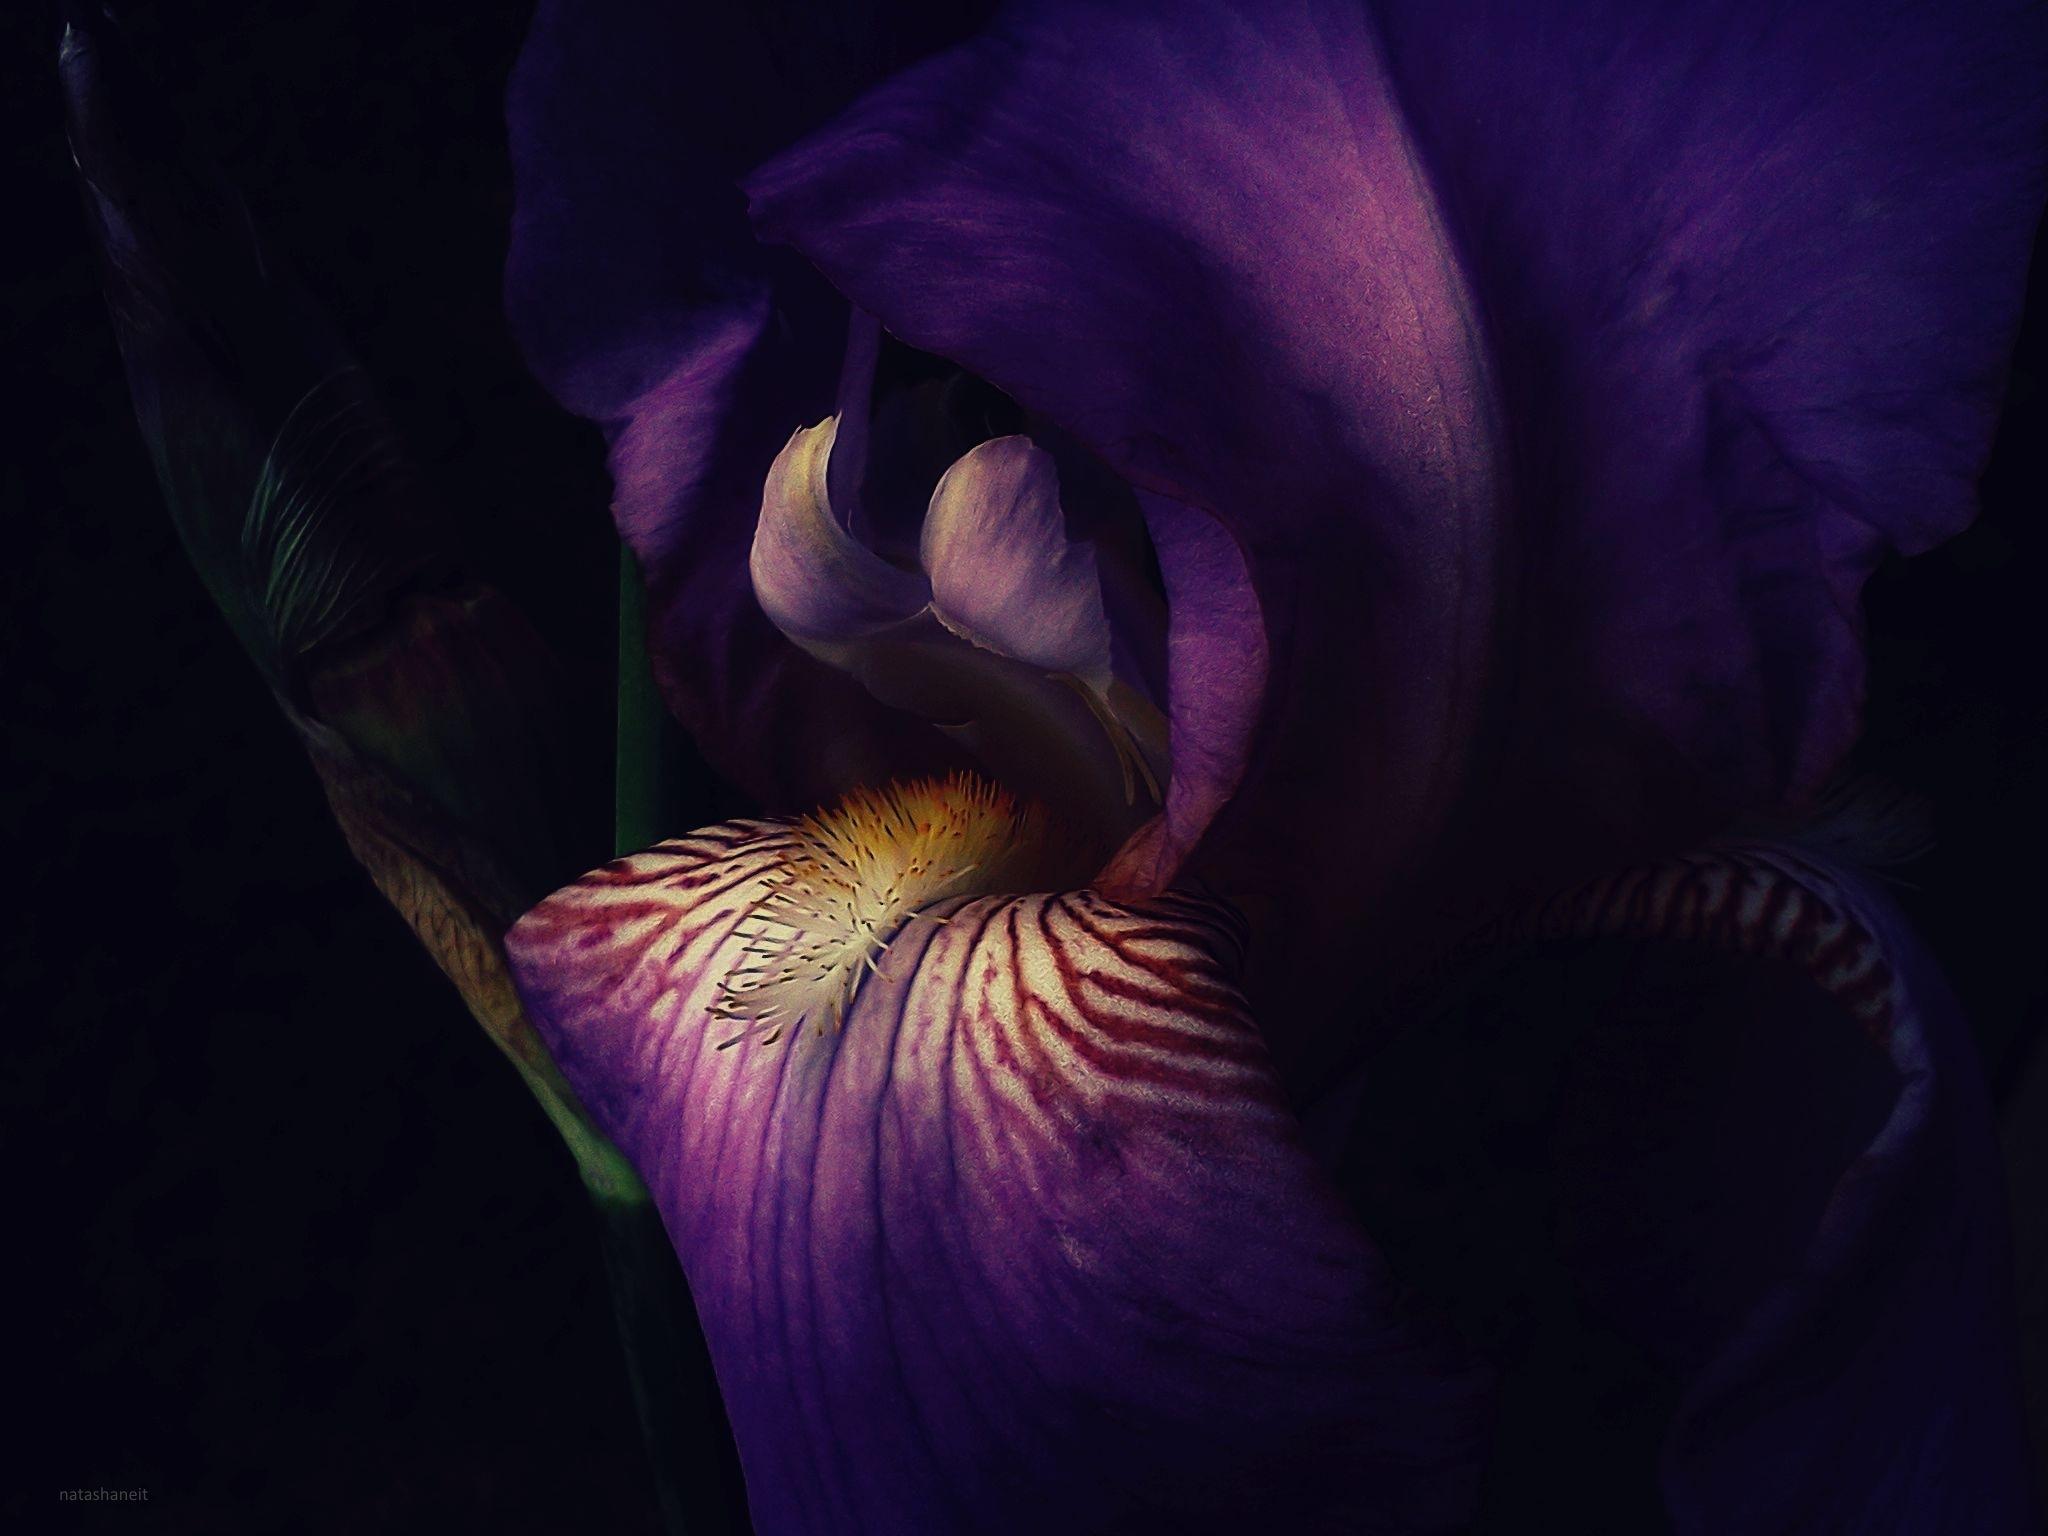 Iris and bud by natashaneit